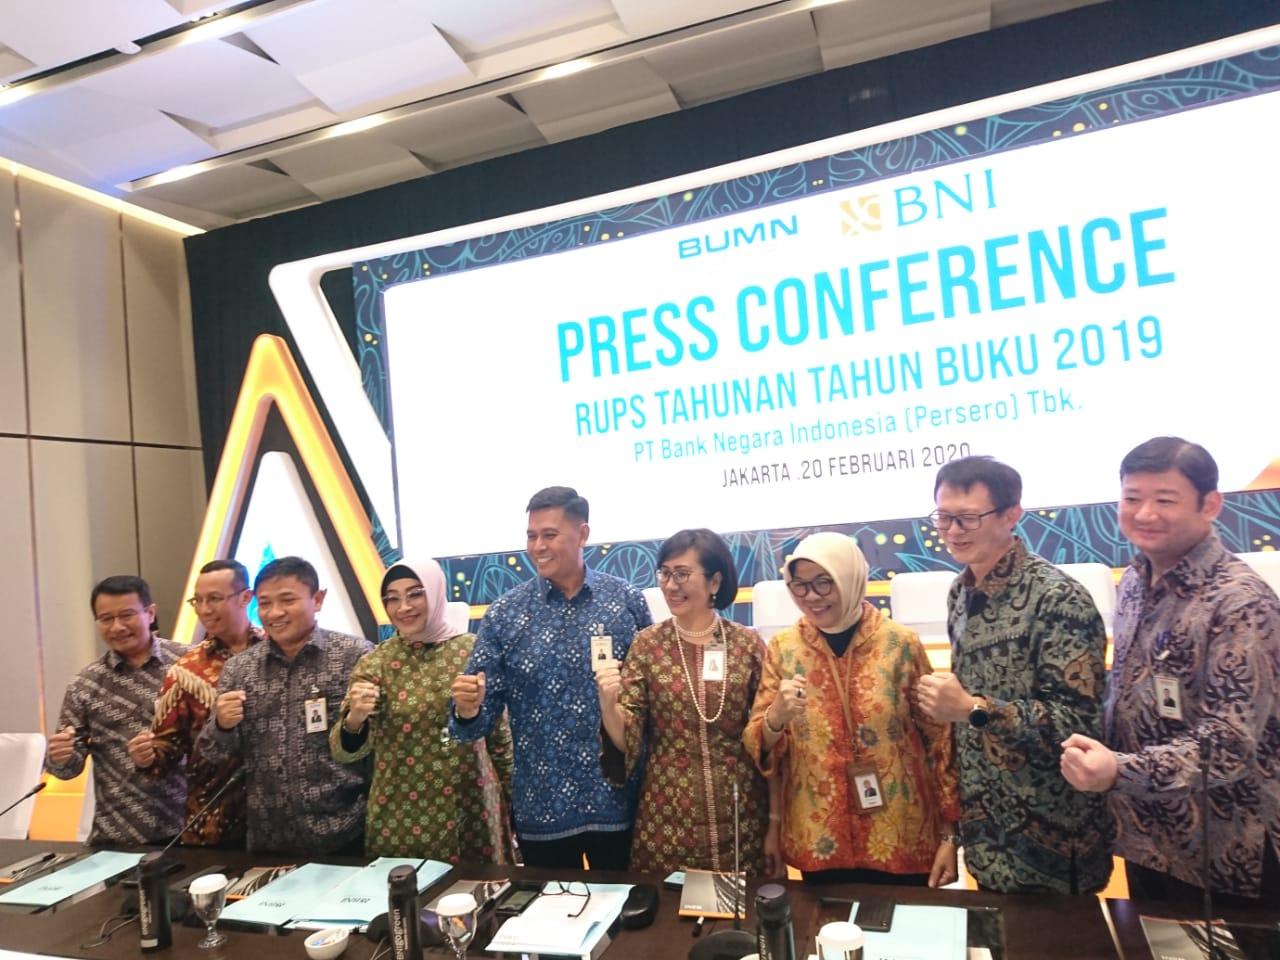 RUPST PT Bank Negara Indonesia Tbk (BBNI) Angkat Agus Martowardojo sebagai Komisaris Utama